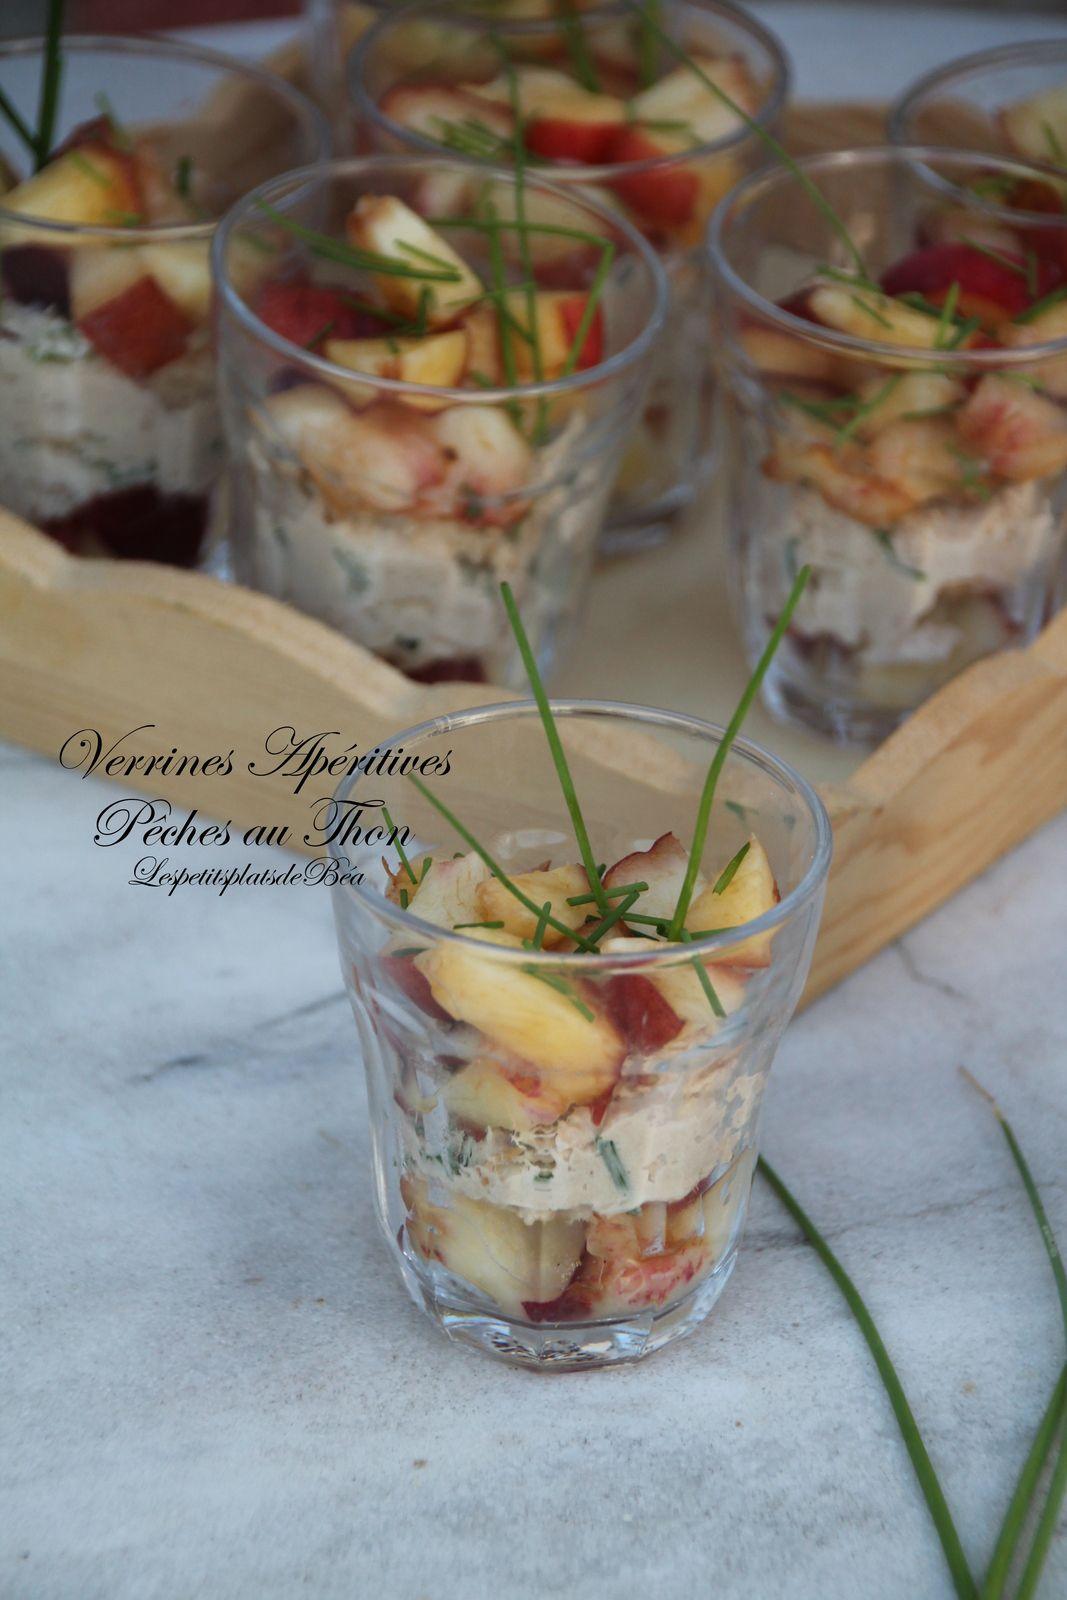 Pêches au thon en verrine apéritive